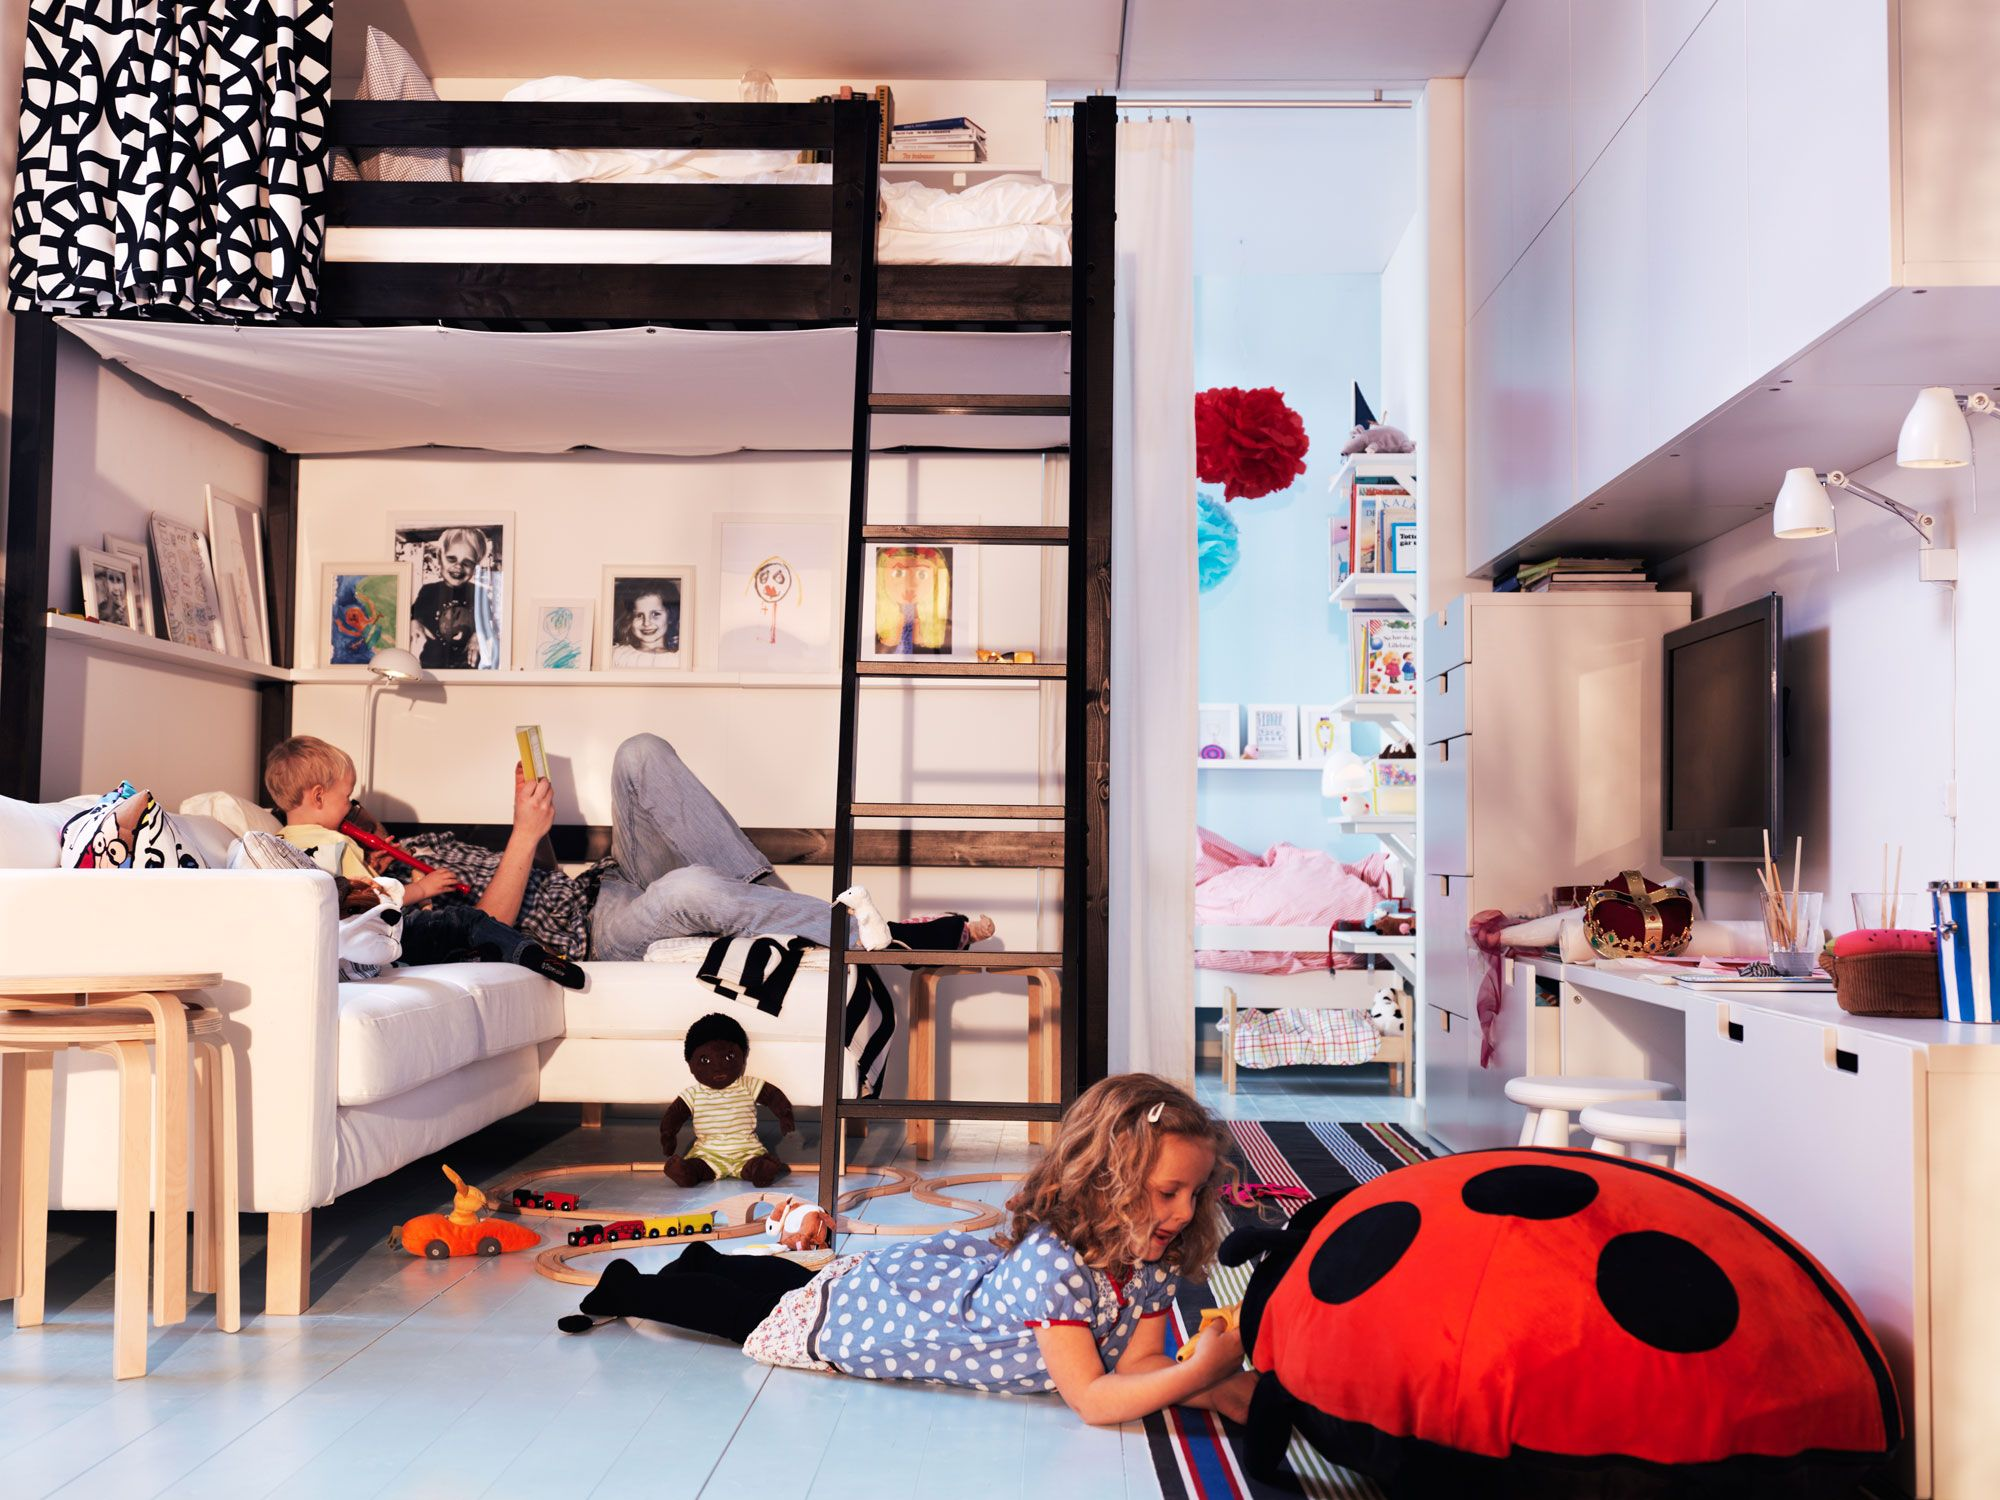 Kleine huiskamer met hoogslaper. in deze multifunctioneel ingerichte